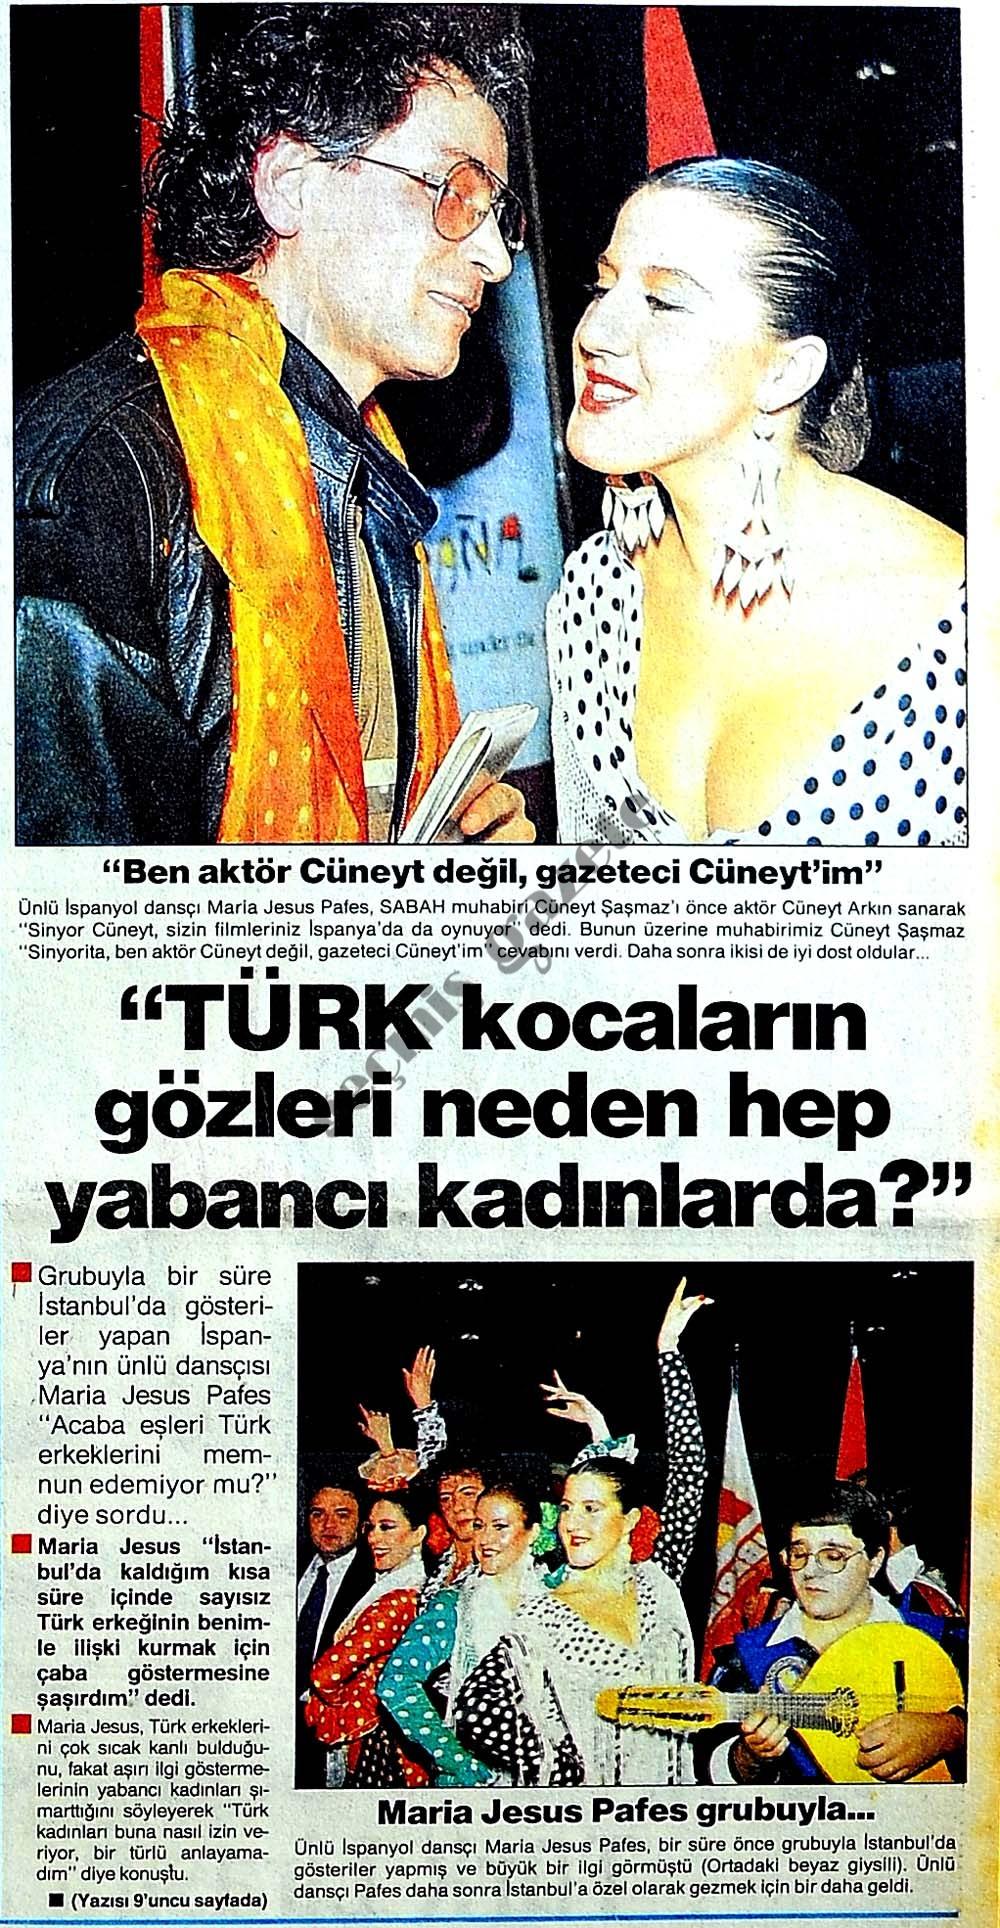 Türk kocaların gözleri neden hep yabancı kadınlarda?